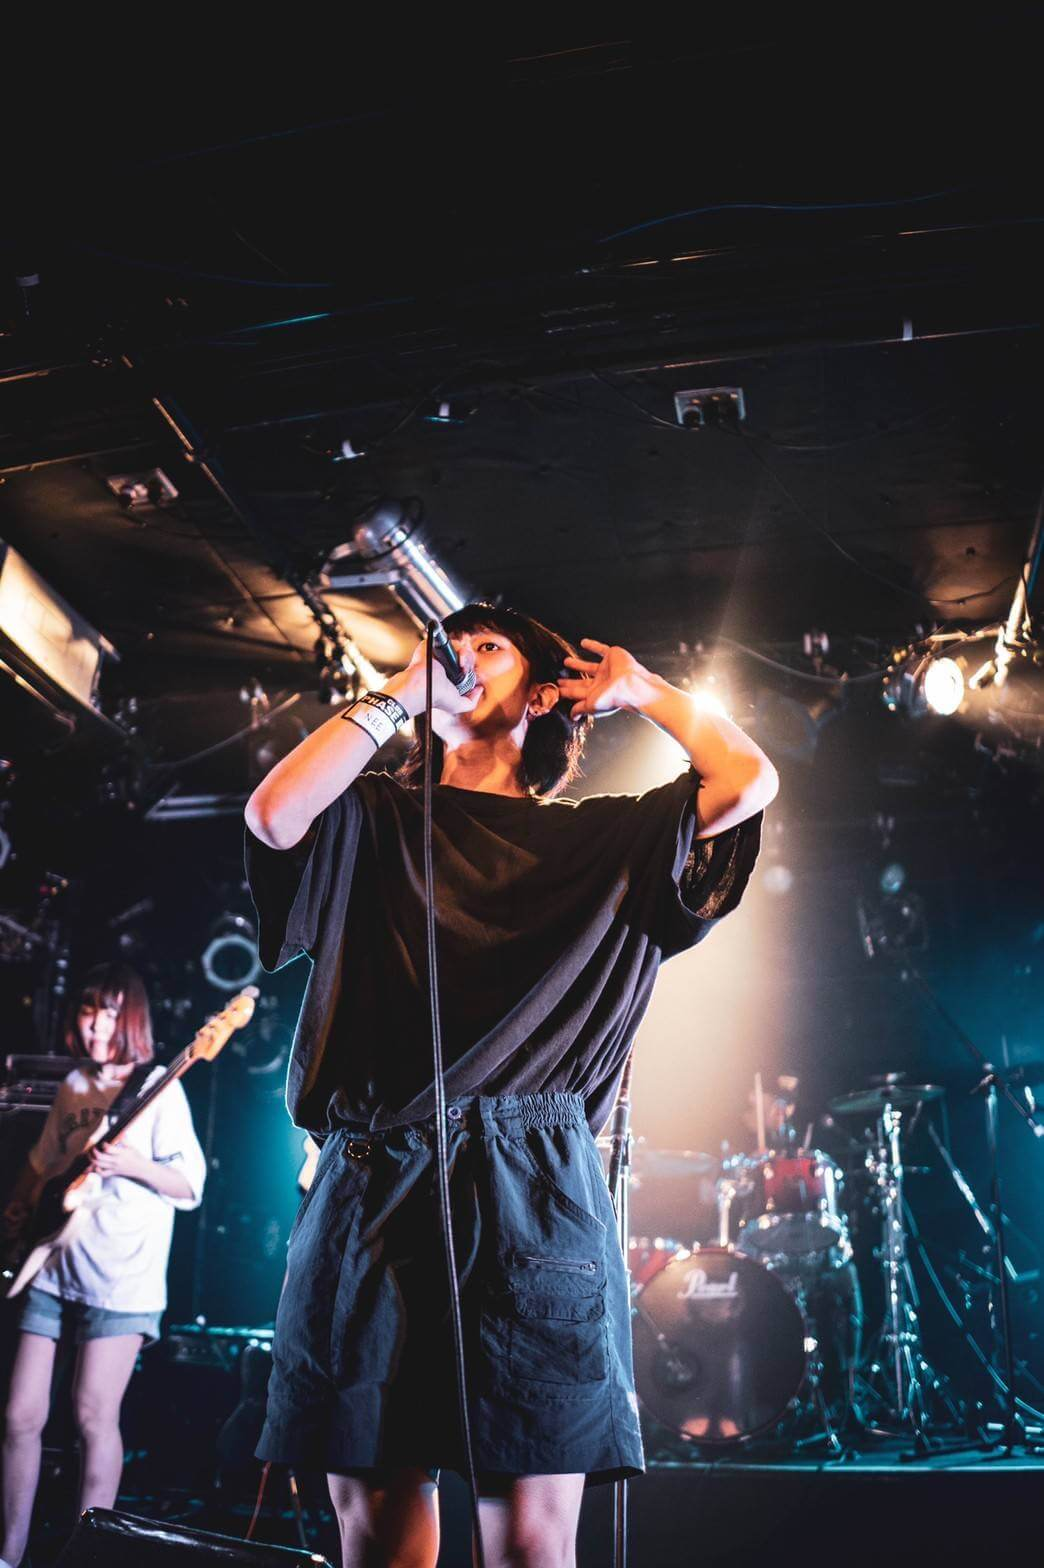 NEE インタビュー | 各所から注目度急上昇中、ジャンルの概念にとらわれずマイペースに進化するバンド